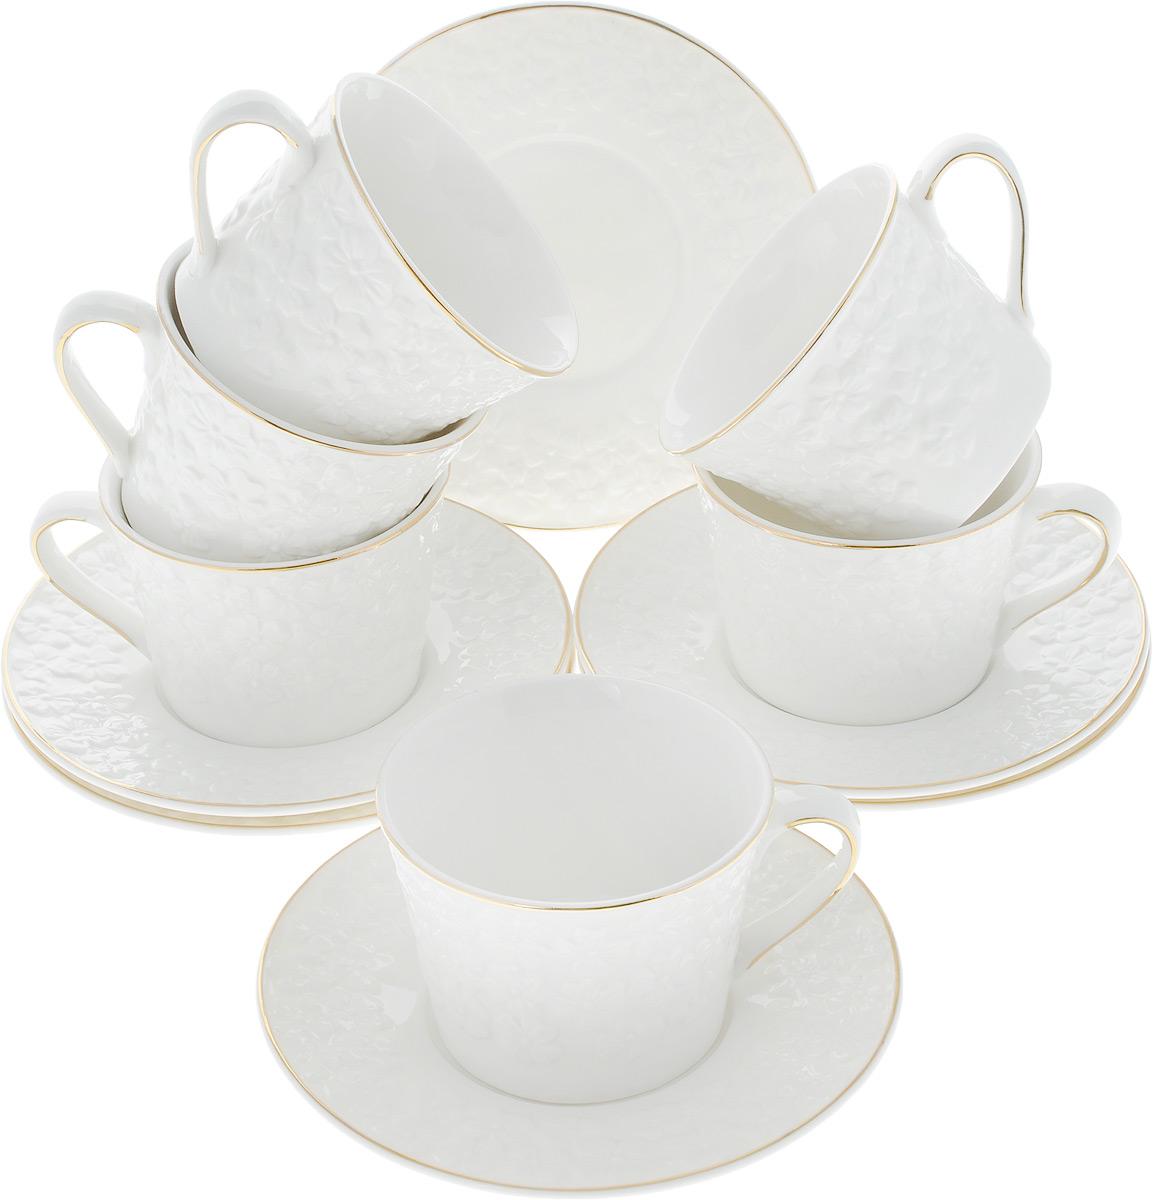 Набор чайный Elan Gallery Белоснежные цветы, 12 предметовVT-1520(SR)Чайный набор Elan Gallery Белоснежные цветы состоит из 6 чашек, 6 блюдец, изготовленных из высококачественного фарфора. Предметы набора декорированы изображением цветов.Чайный набор Elan Gallery Белоснежные цветы украсит ваш кухонный стол, а также станет замечательным подарком друзьям и близким.Изделие упаковано в подарочную коробку с атласной подложкой. Не рекомендуется применять абразивные моющие средства. Не использовать в микроволновой печи.Объем чашки: 210 мл.